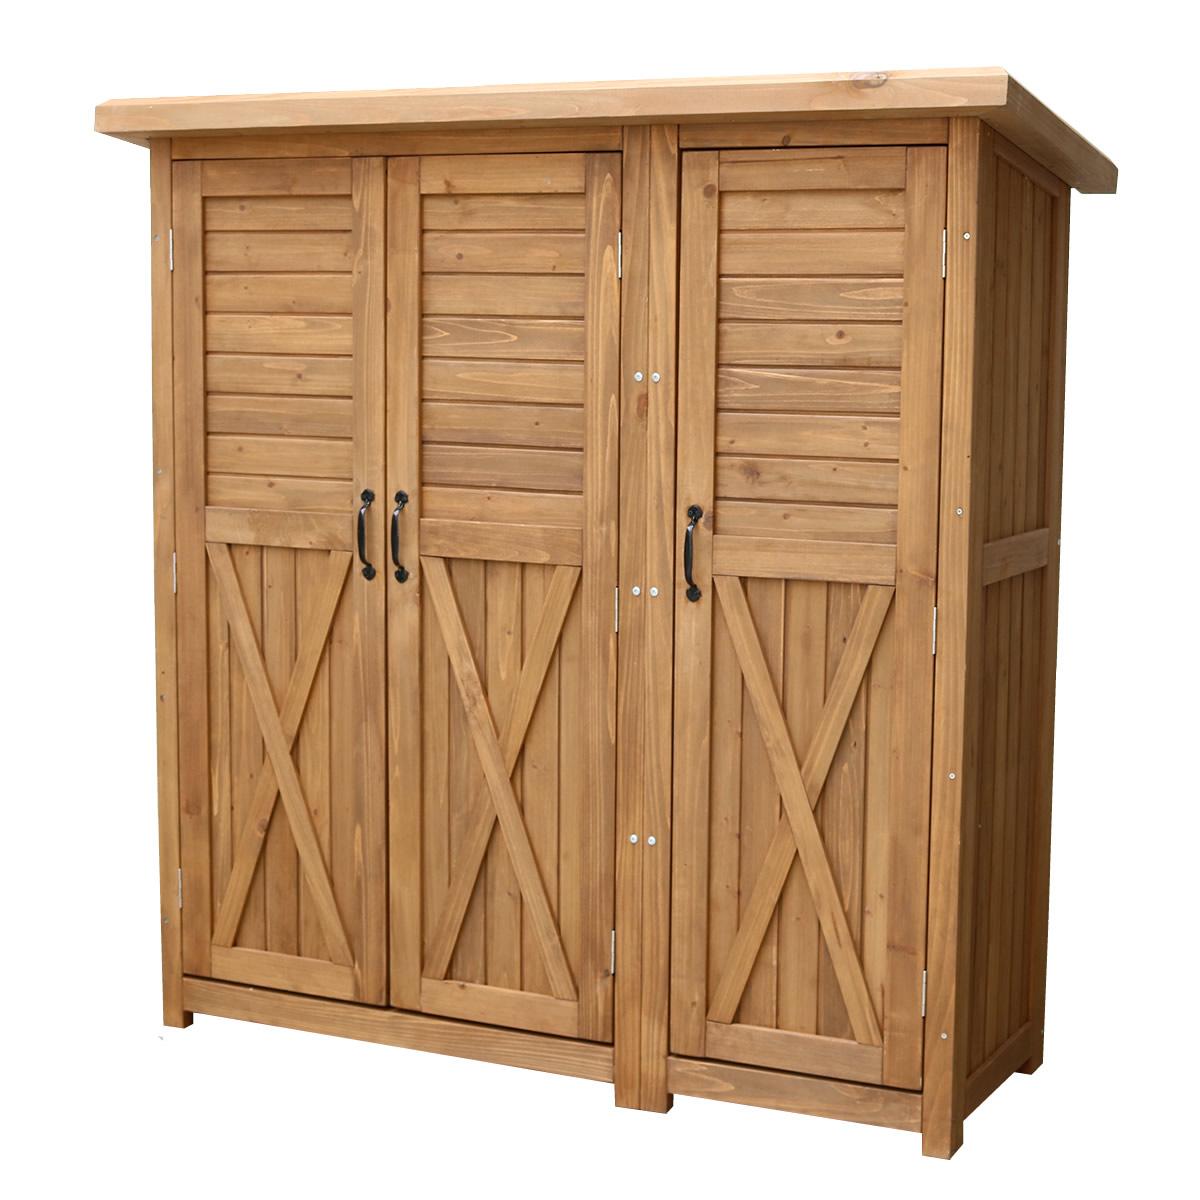 人気提案 KTDS1600:西新オレンジストア 木製大型収納庫(三つ扉)-エクステリア・ガーデンファニチャー